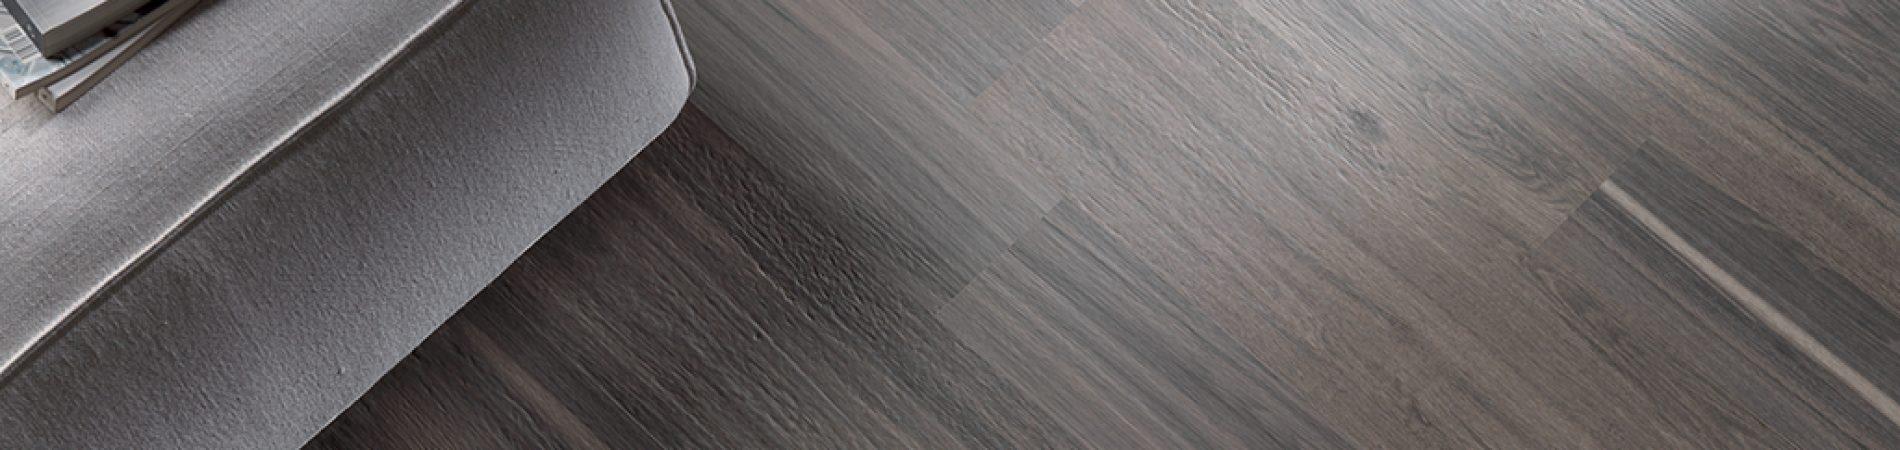 Gres-porcellanato-effetto-legno_Ceramiche-Coem_Signum1